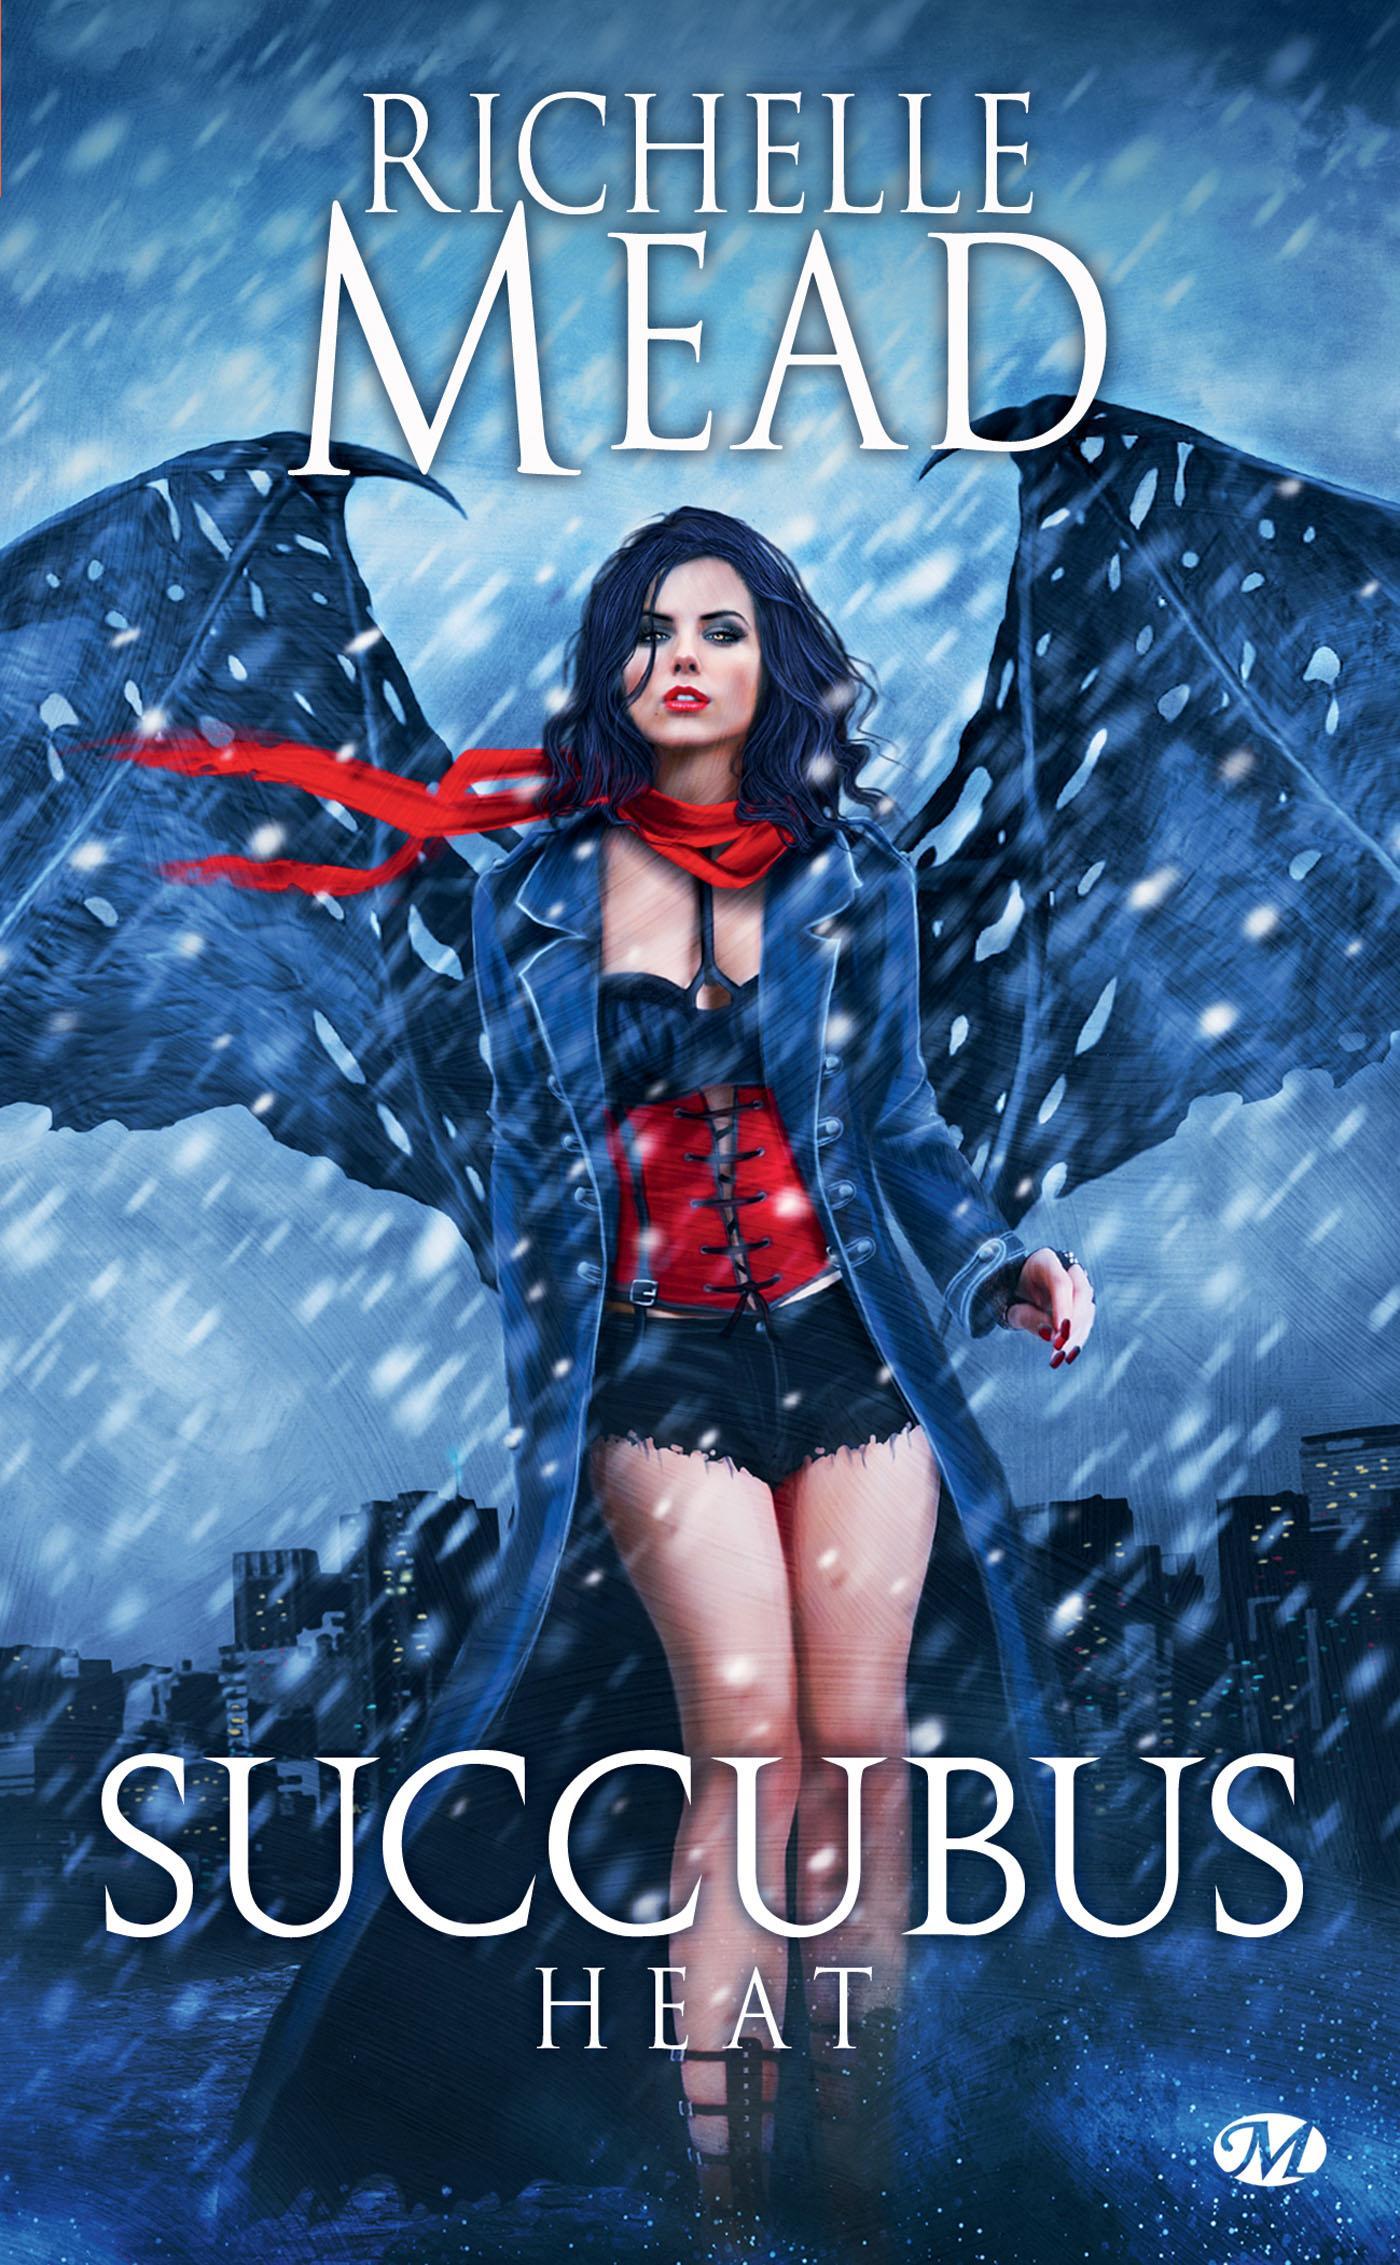 Succubus Heat, SUCCUBUS, T4